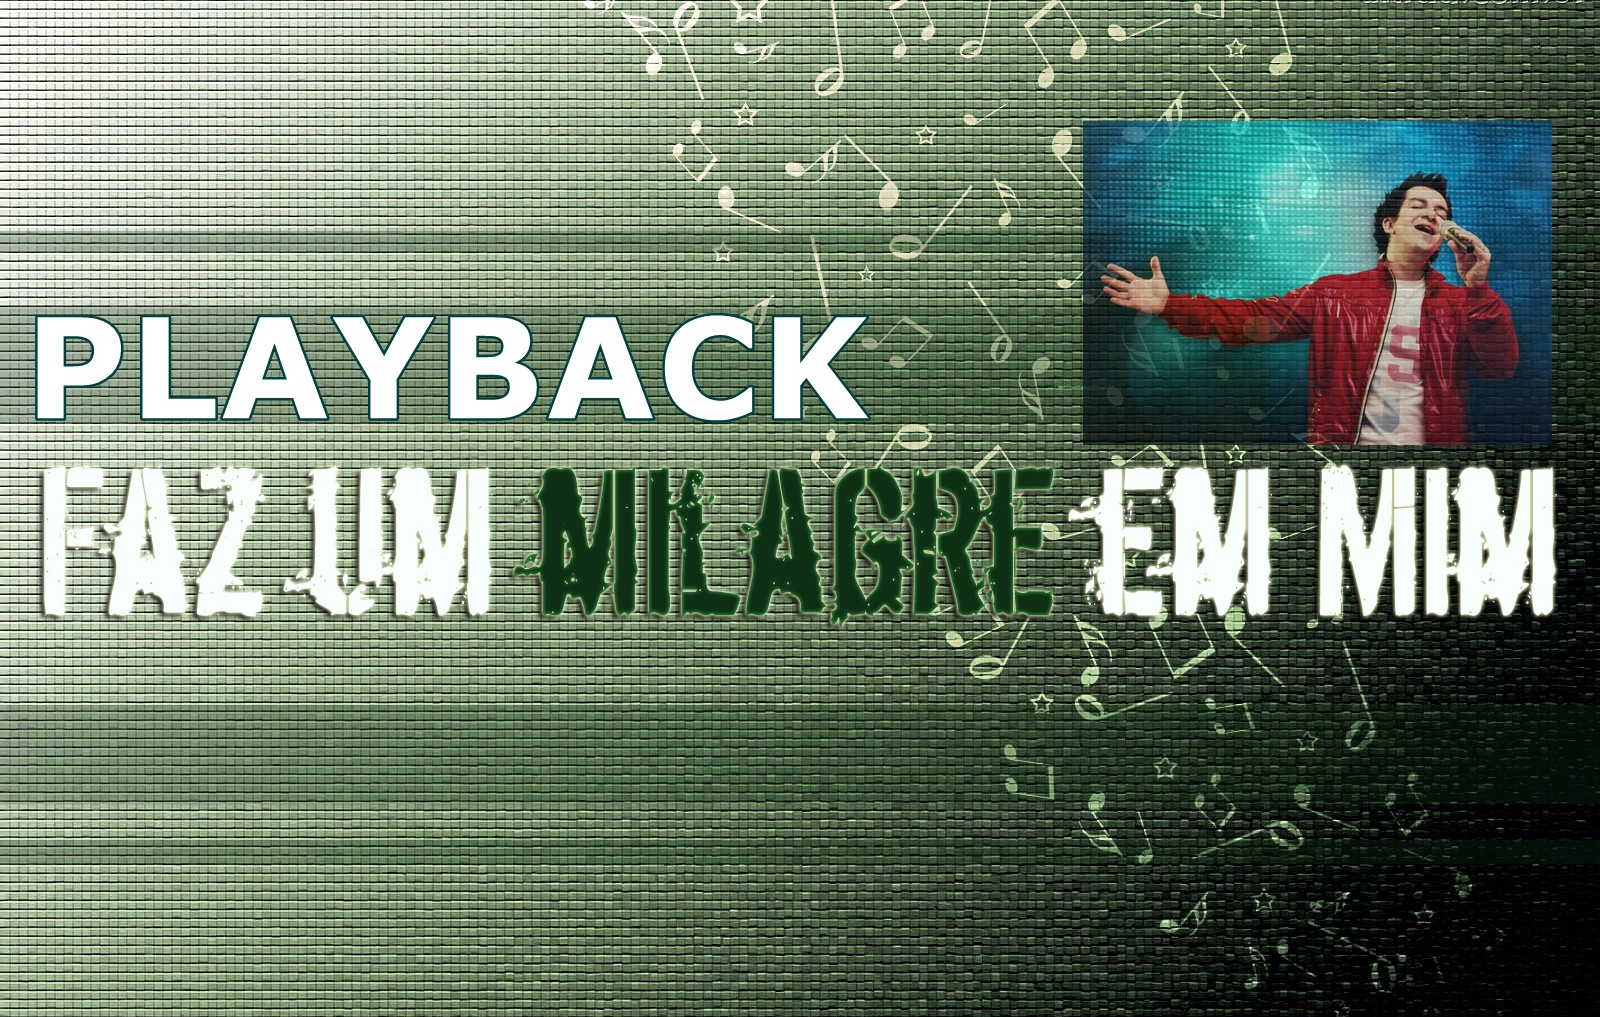 FAZ PALCO MIM DANESE UM BAIXAR MILAGRE MP3 EM REGIS